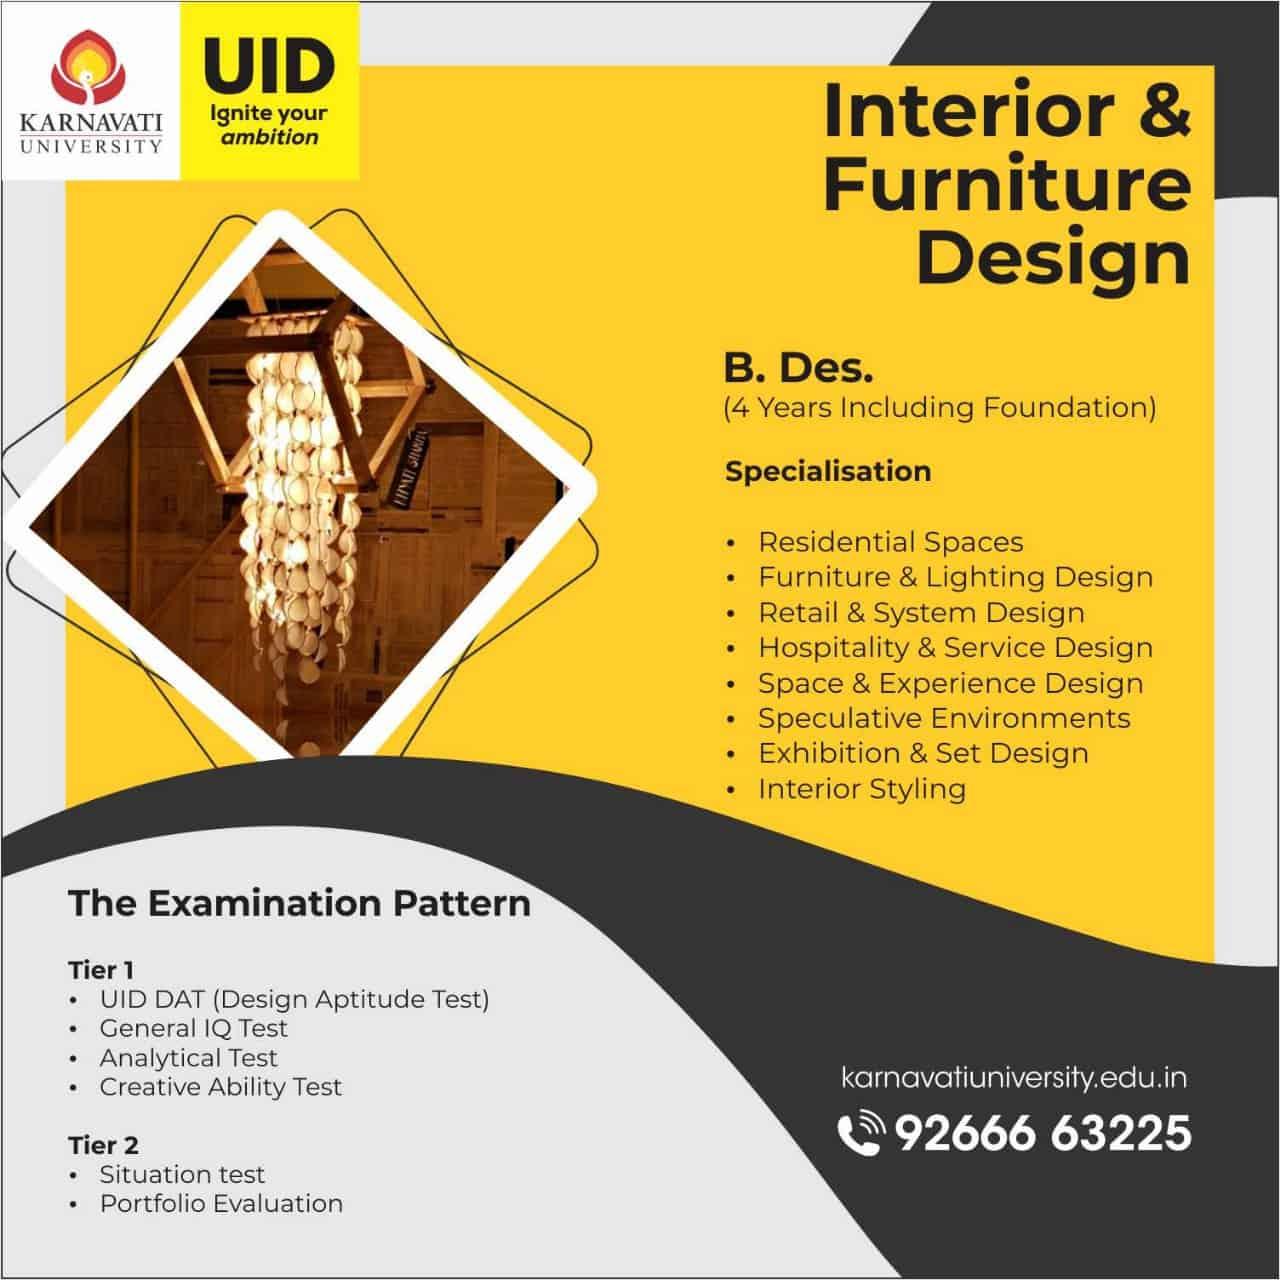 INTERIOR-AND-FURNITURE-DESIGN